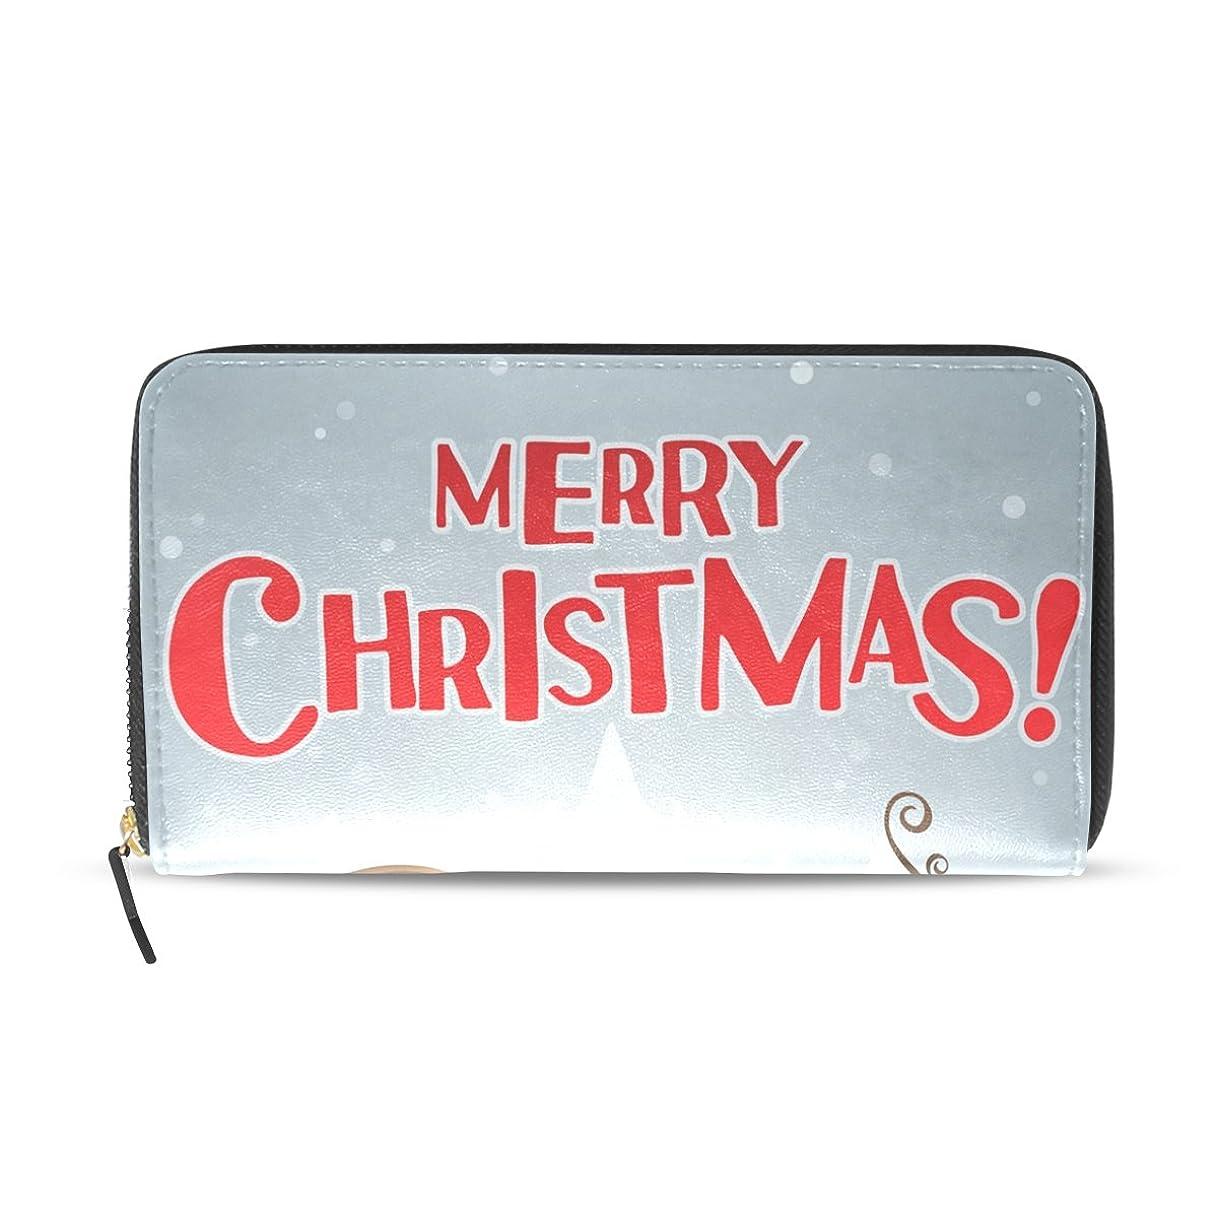 引き算ホール名義でマキク(MAKIKU) 長財布 レディース 大容量 革 レザー ラウンドファスナー クリスマス かわいい 雪だるま サンタクロース おしゃれ カード12枚収納 プレゼント対応